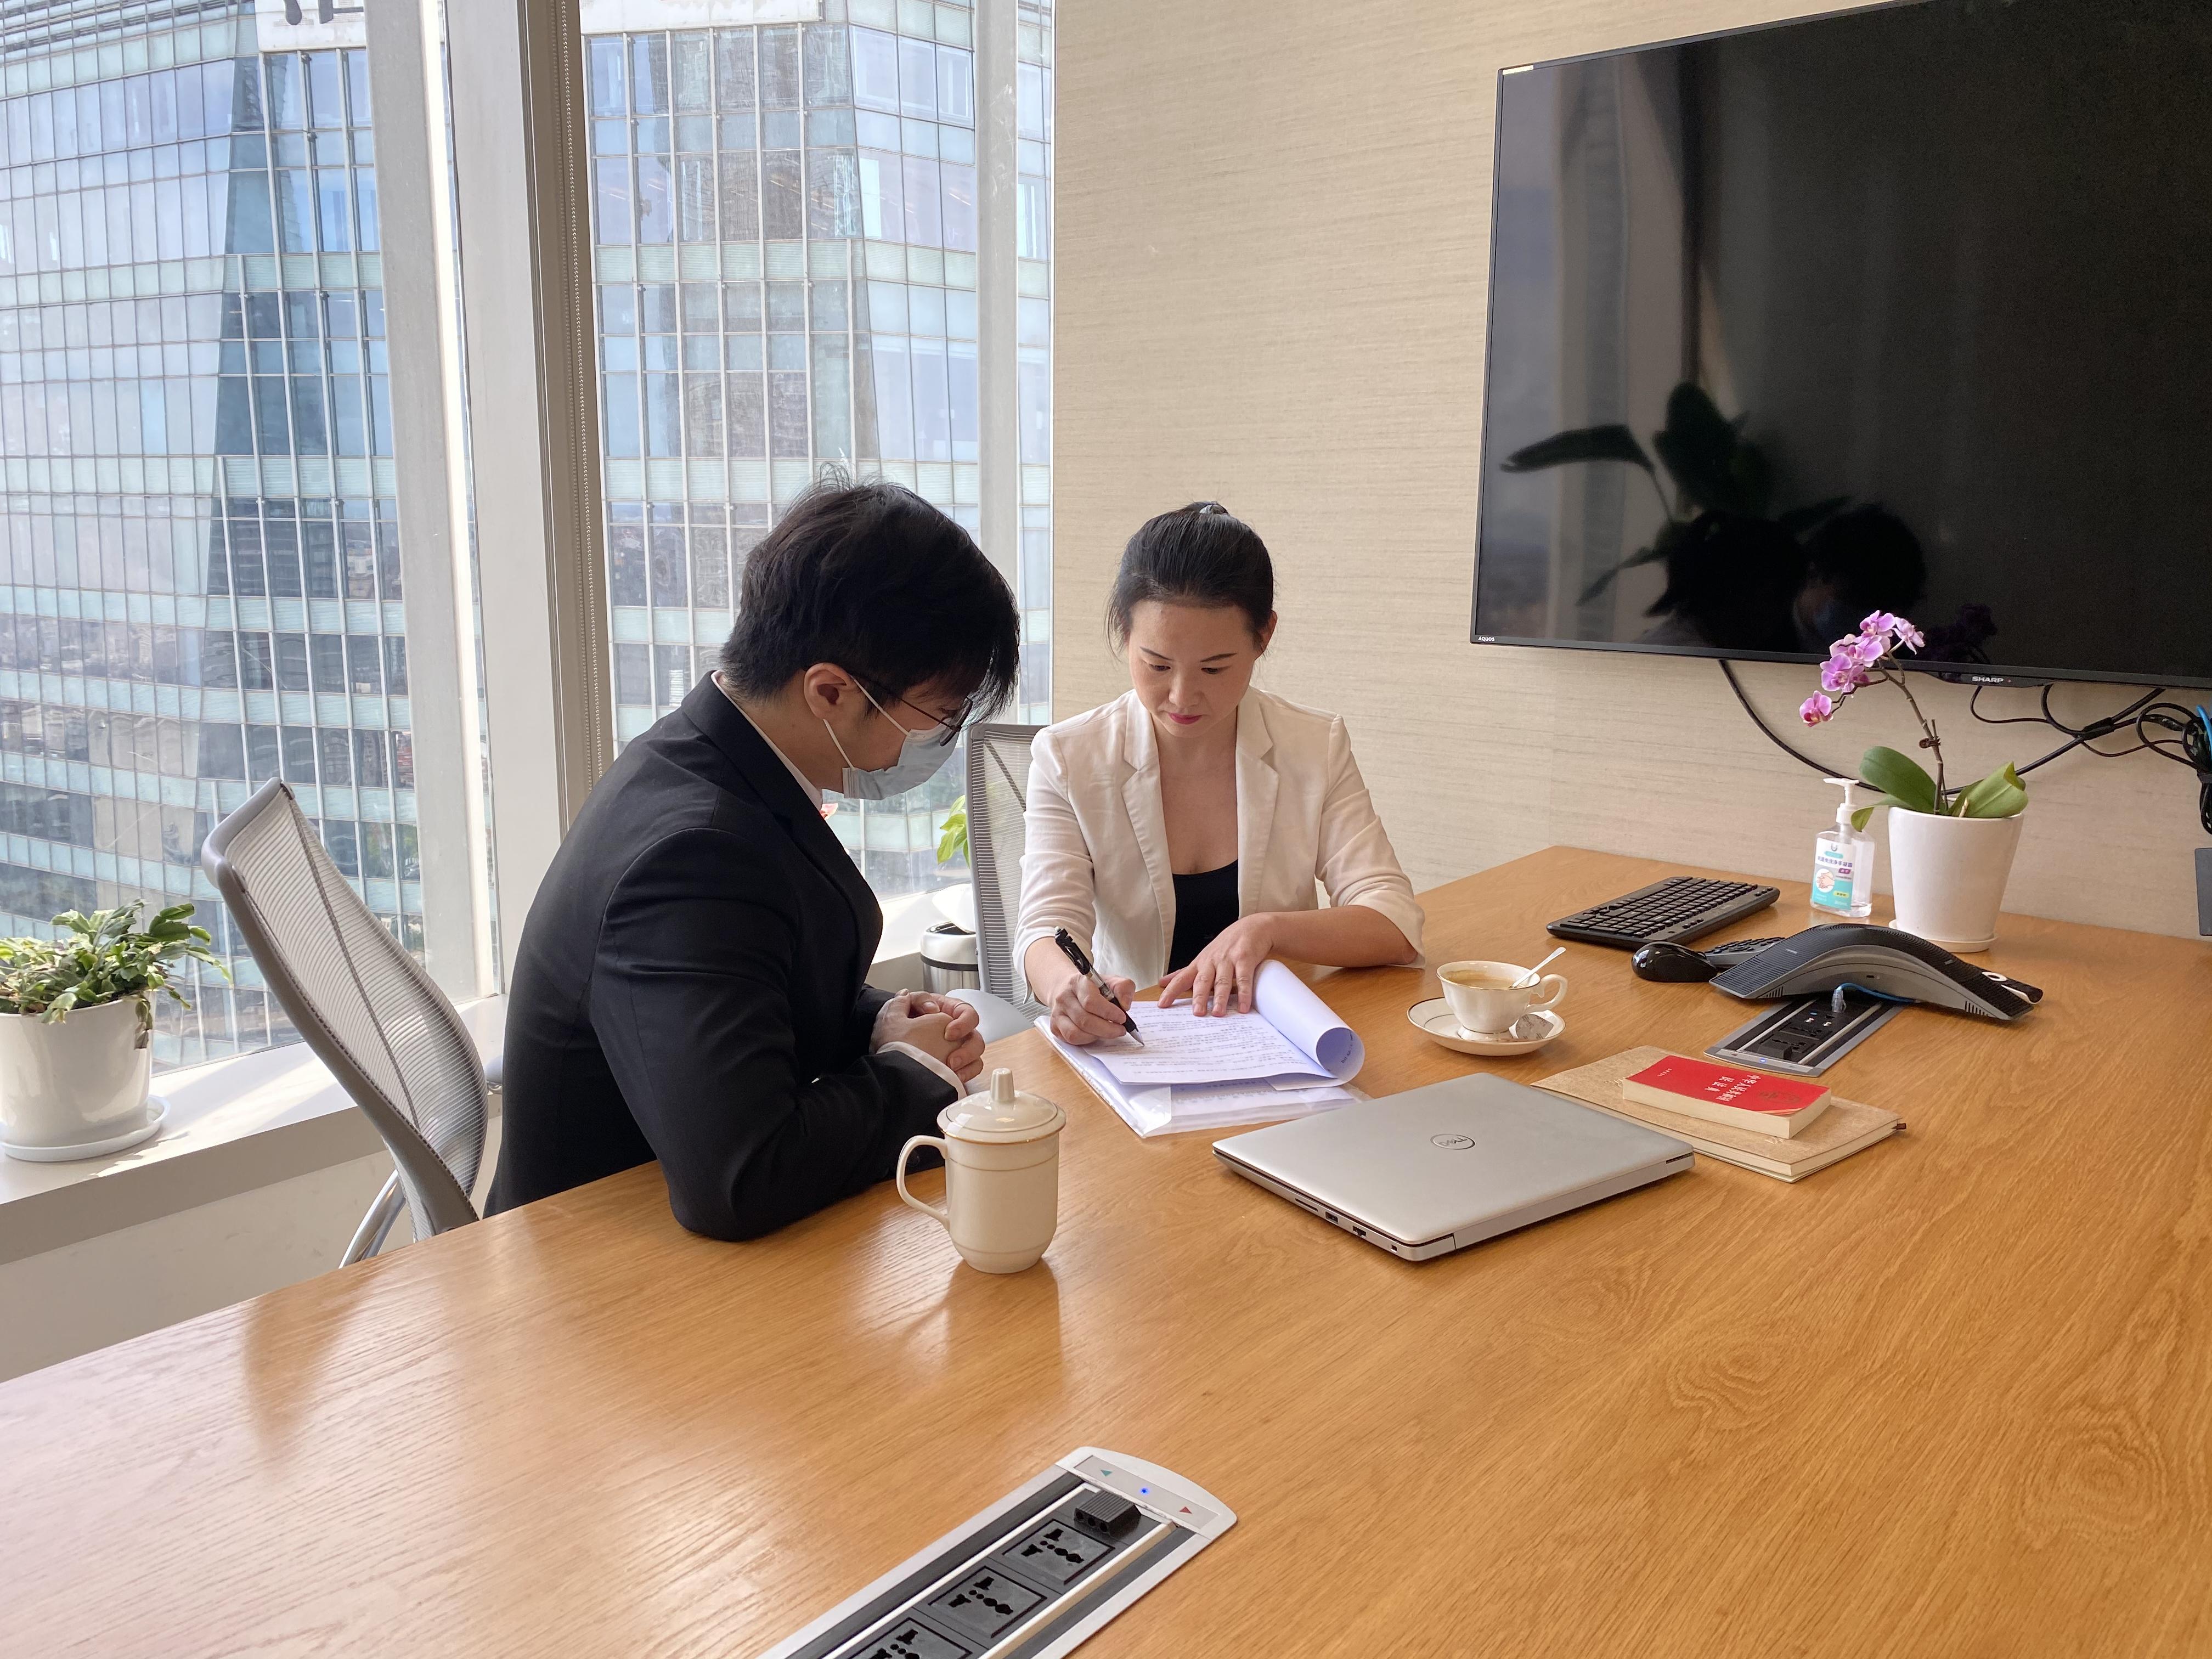 迎七一、庆端午!上海阳新商会党支部组织联谊活动